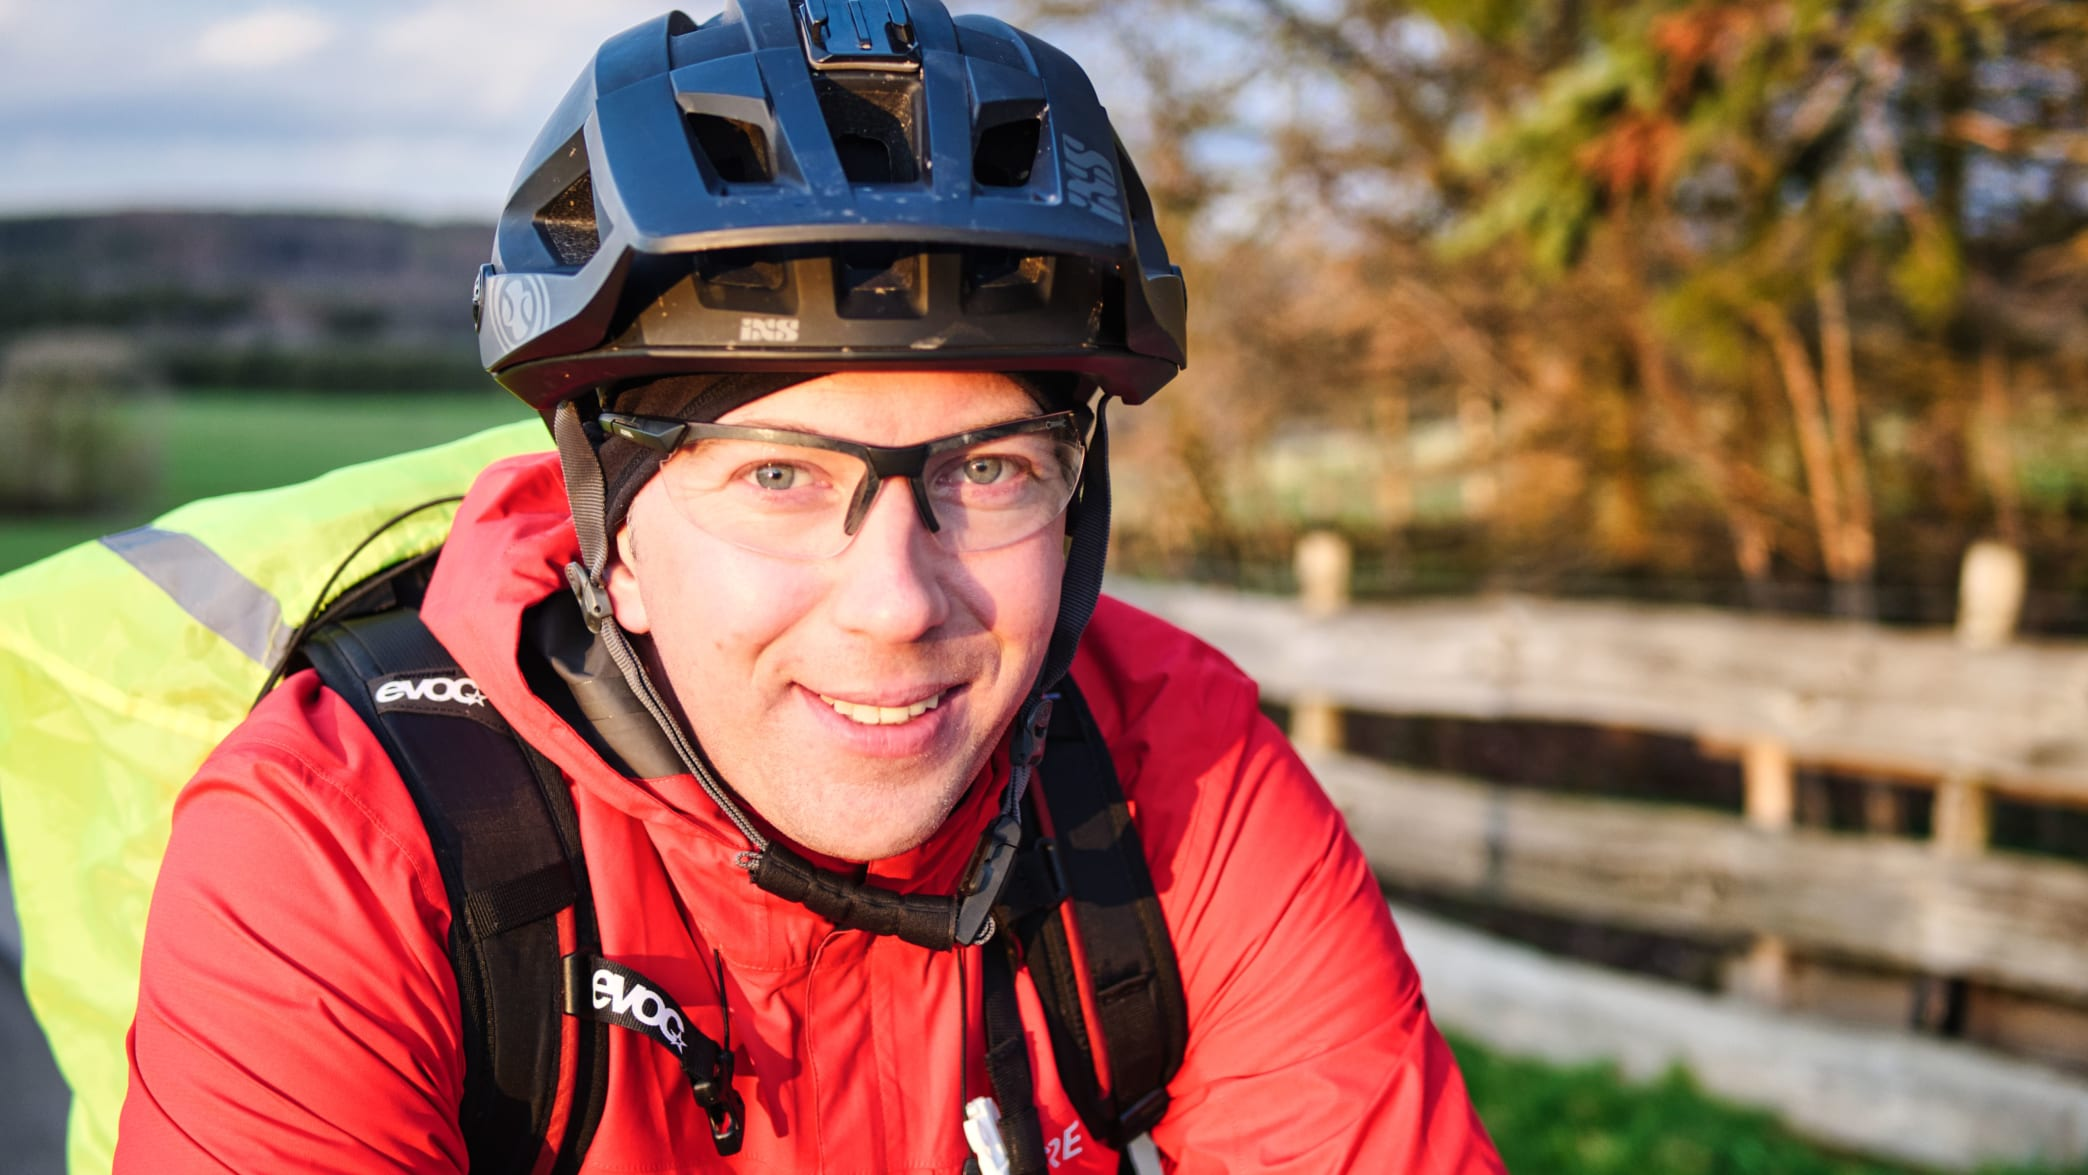 Radfahrer Matthes auf seinem täglichen Arbeitsweg bei Rheinbach in der Voreifel